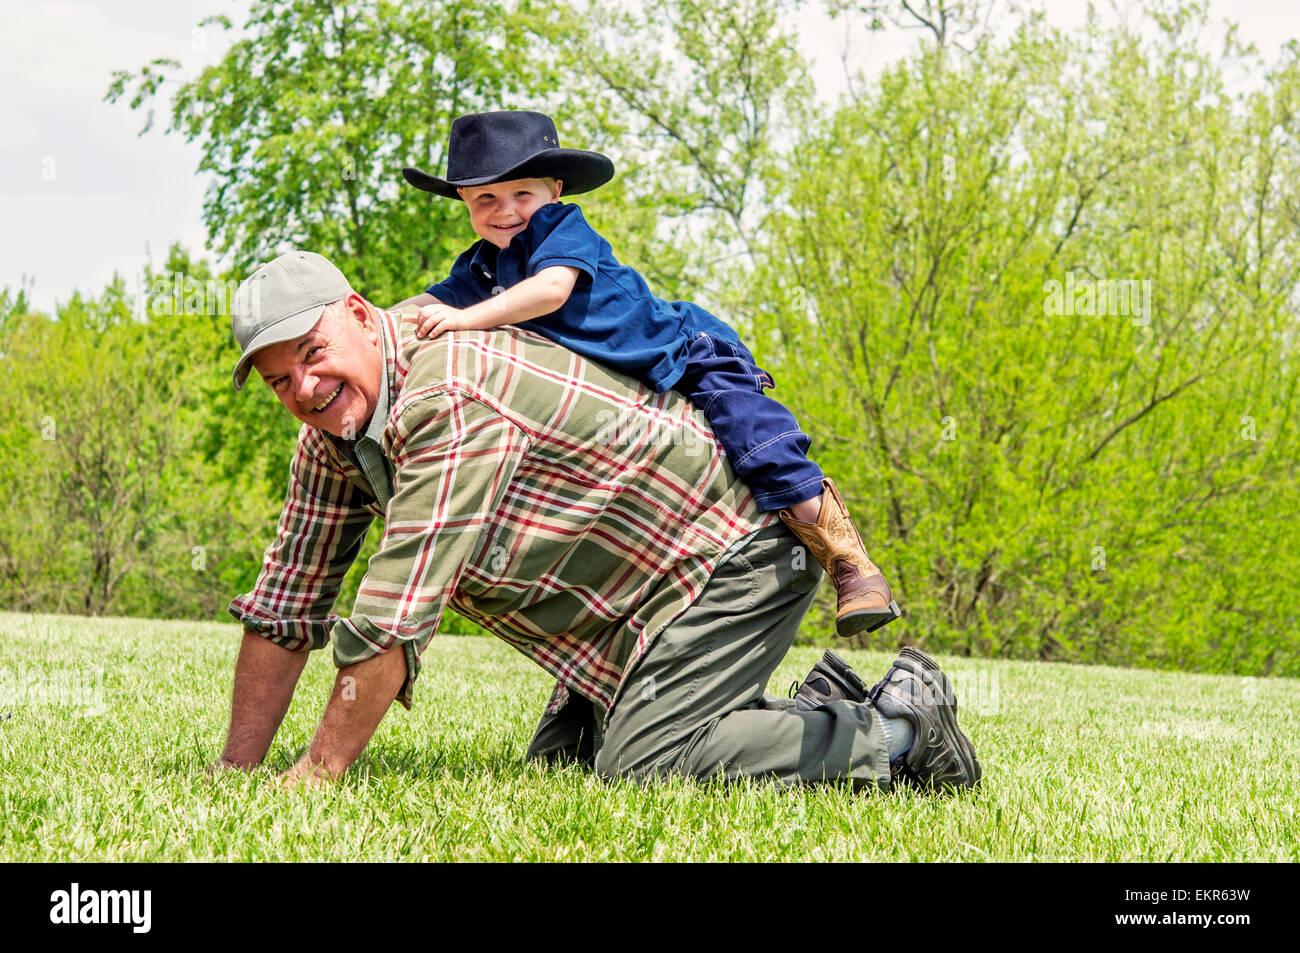 Niño jugando en la espalda del abuelo Imagen De Stock